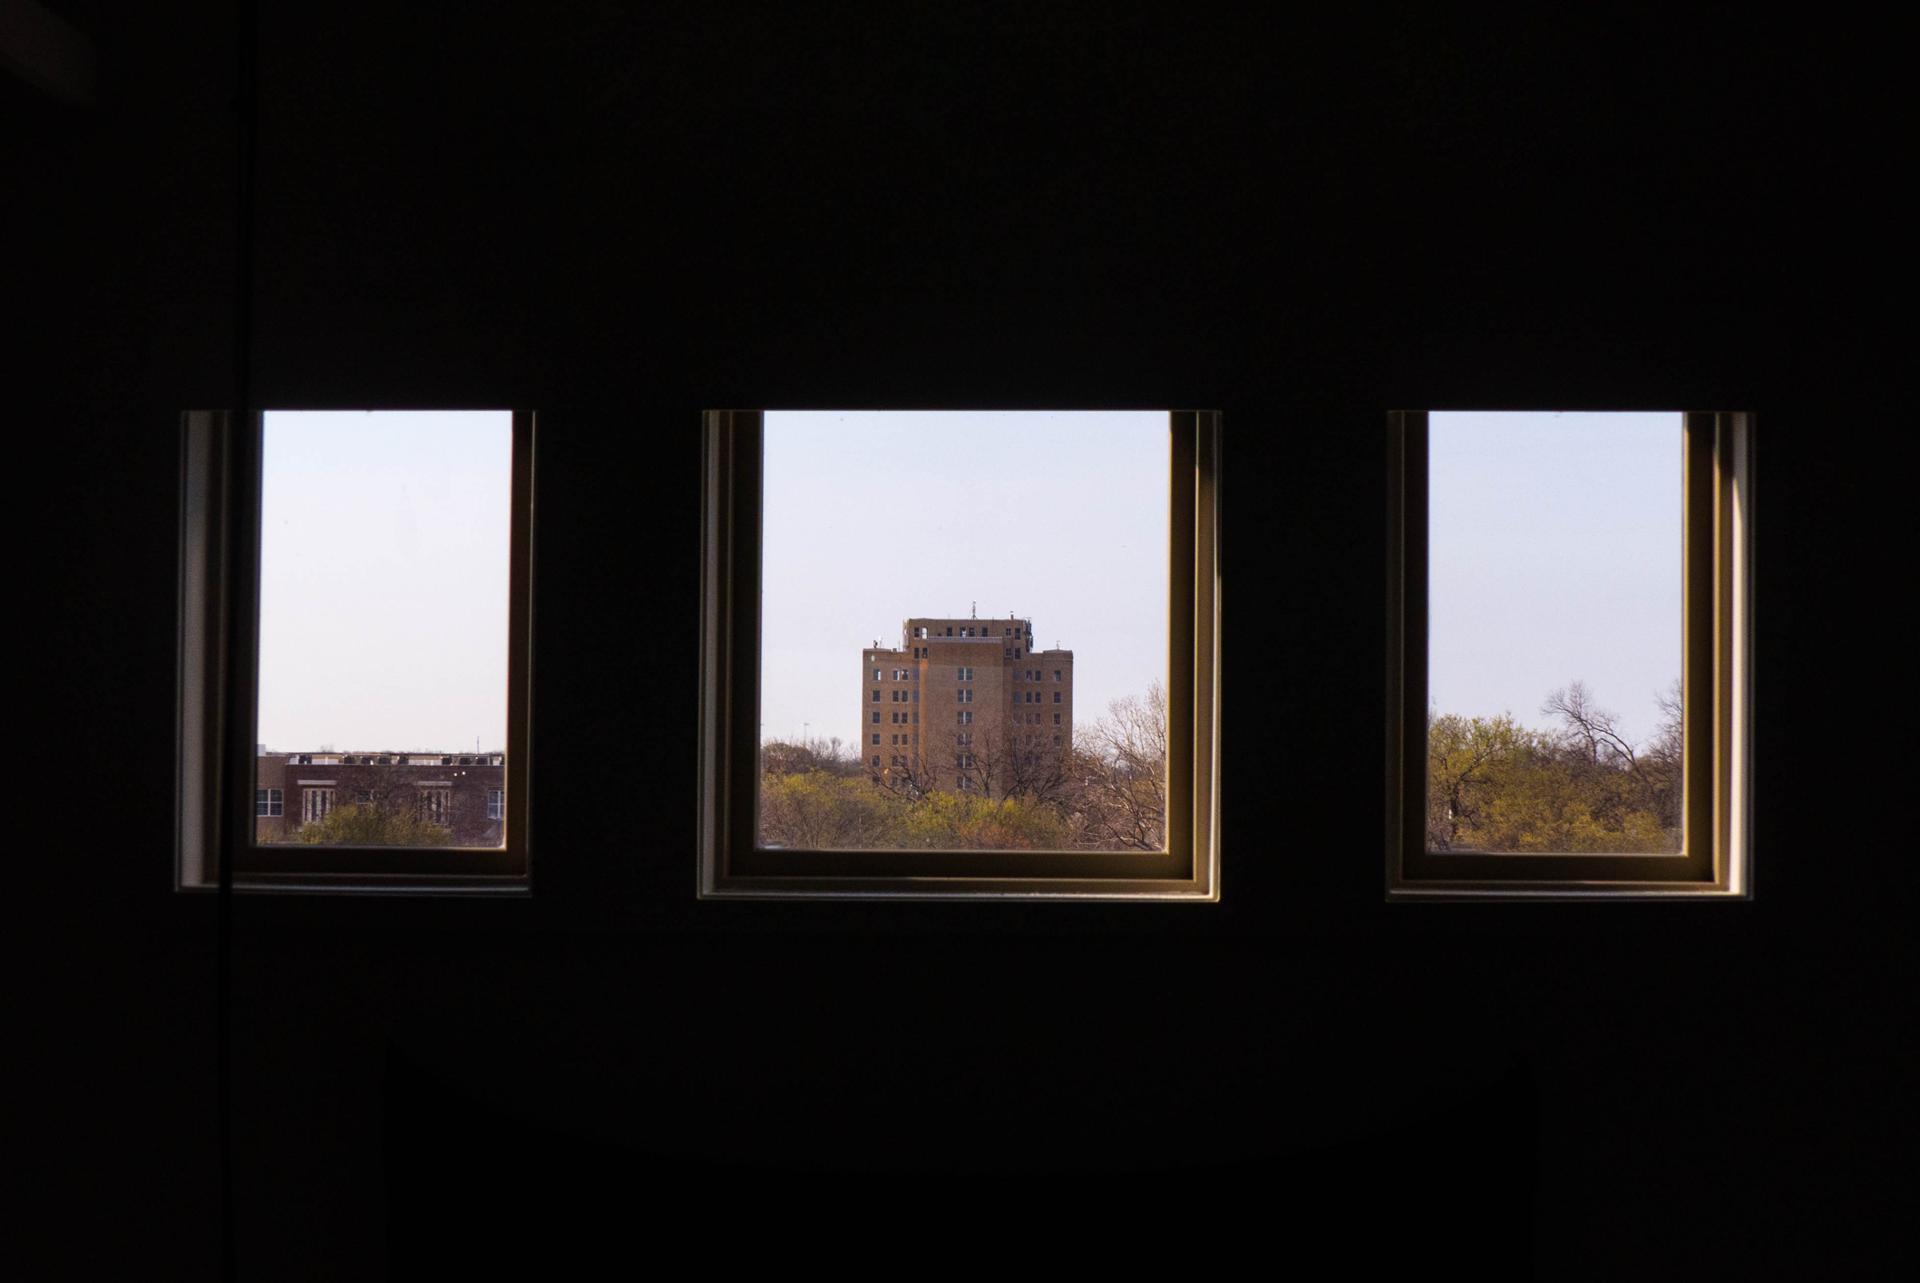 Les 3 Fenêtres